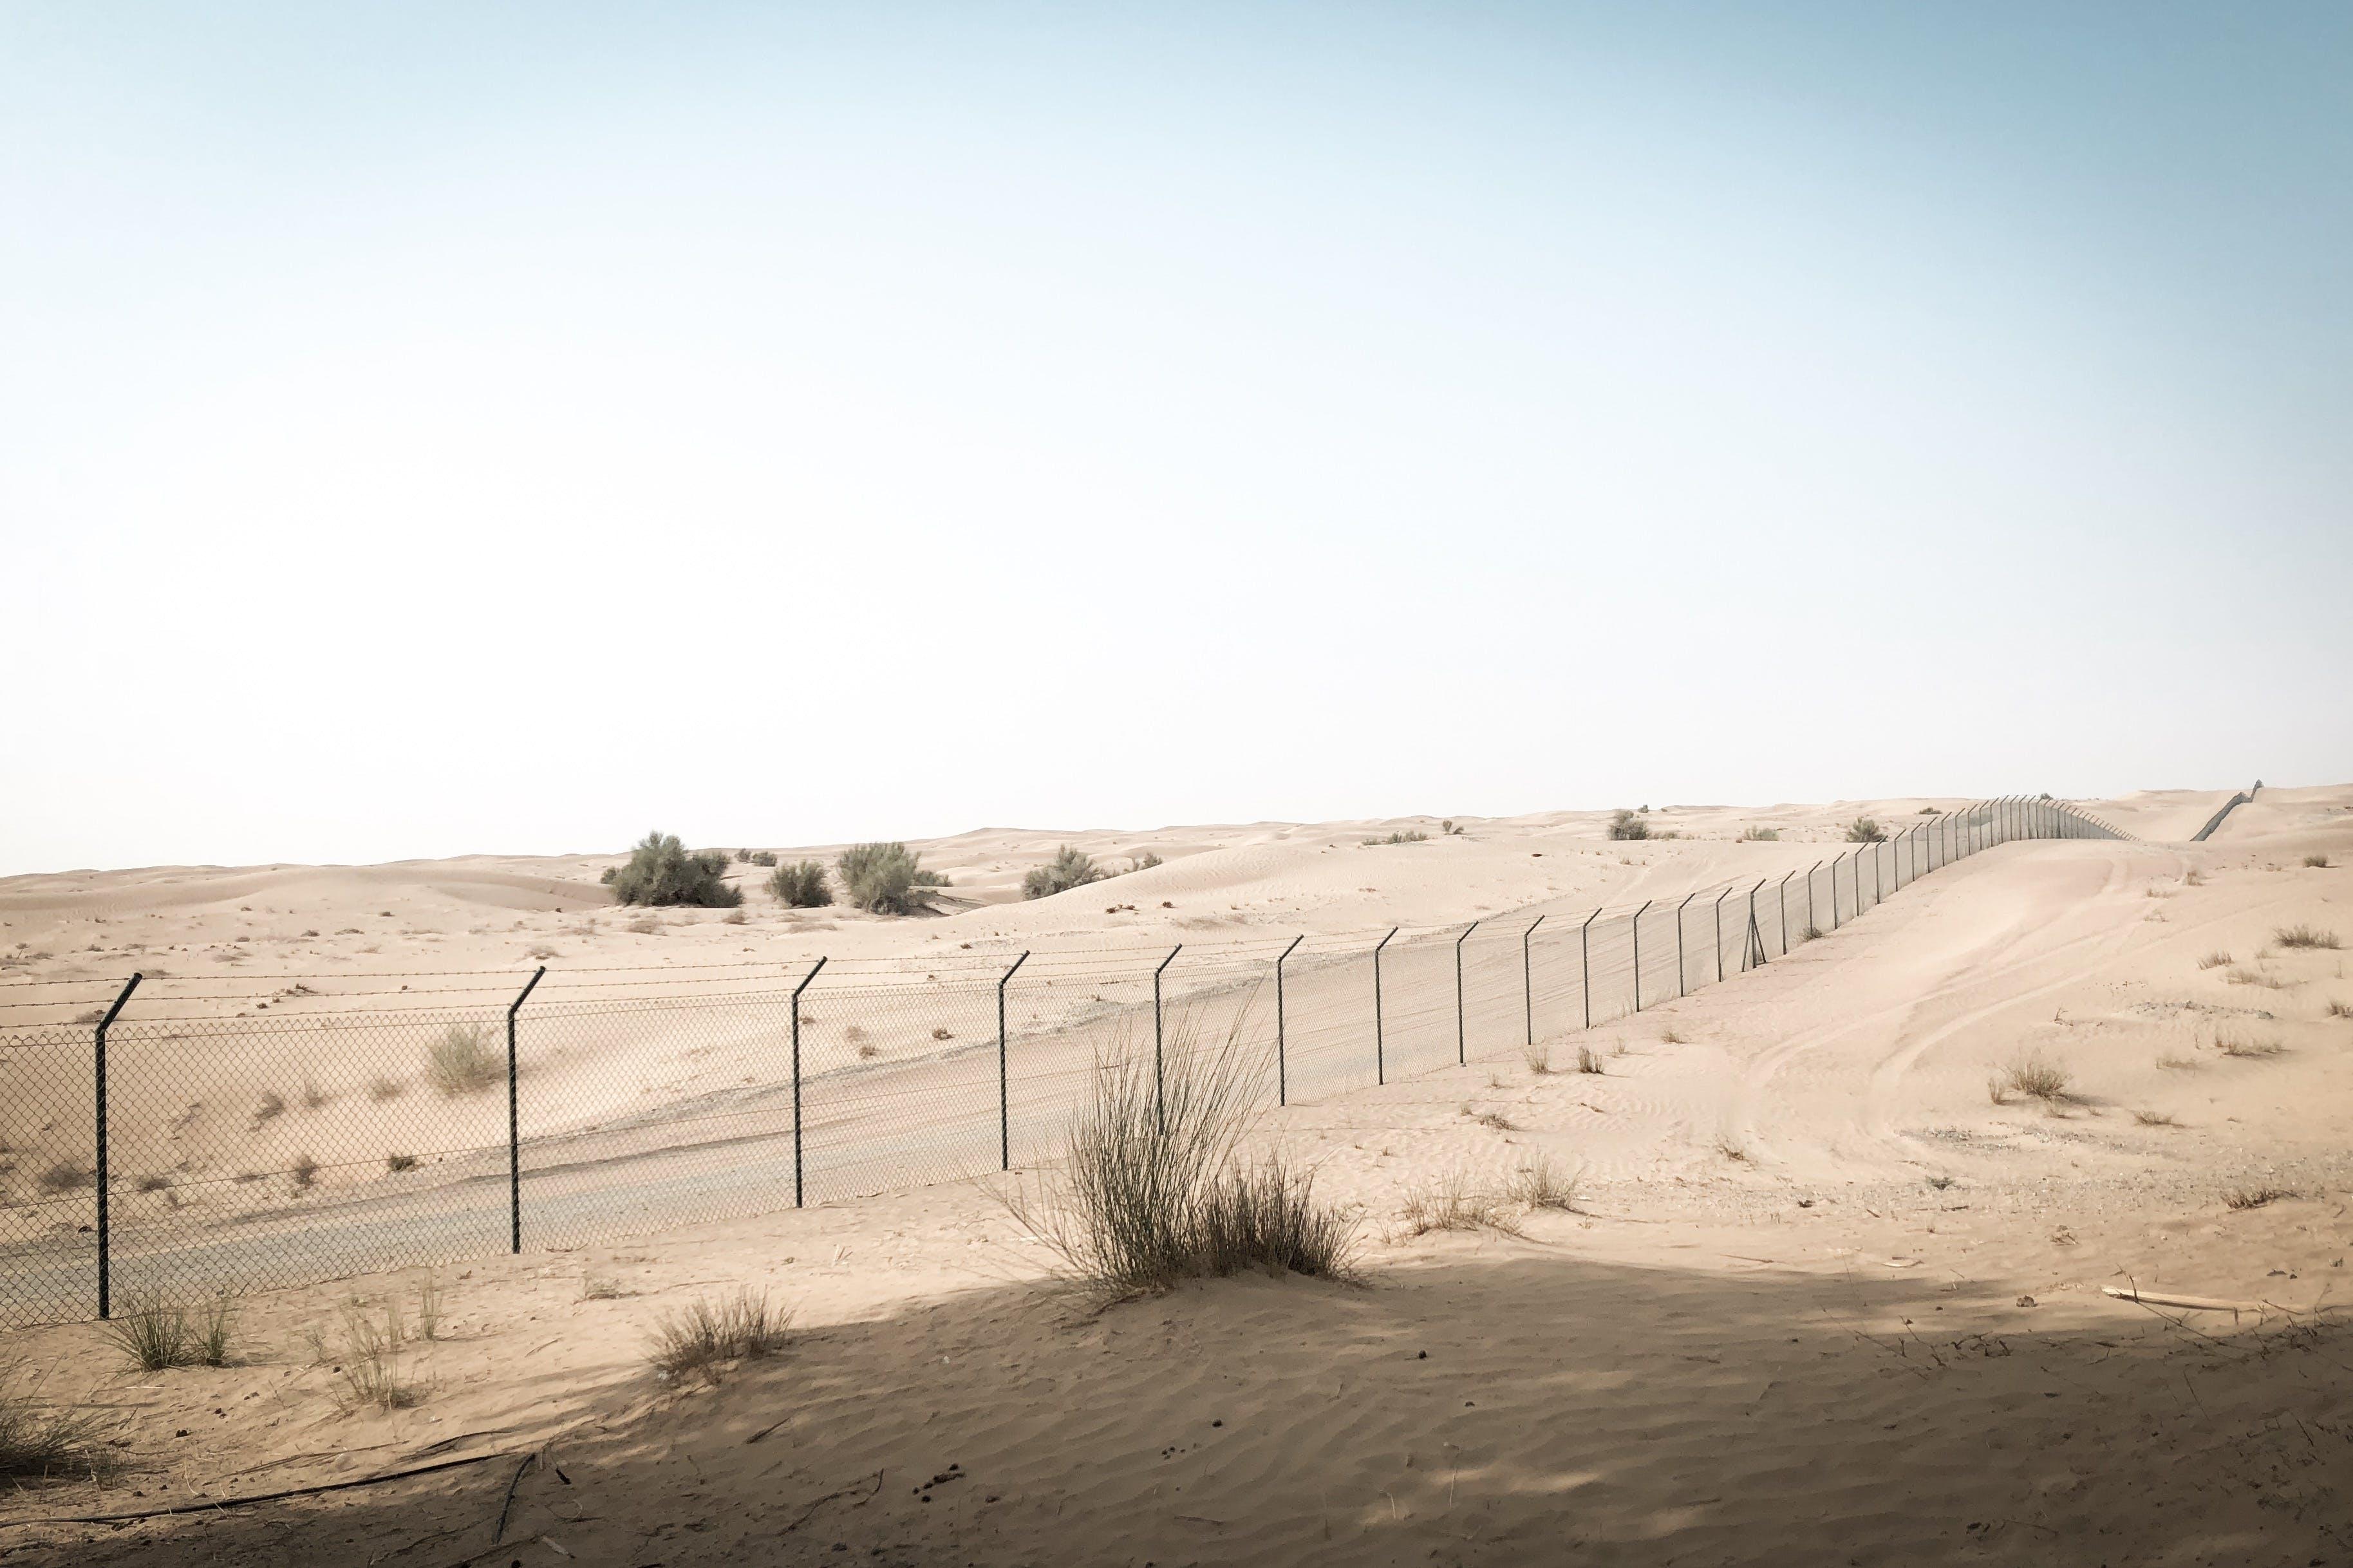 Road at Deserted Land